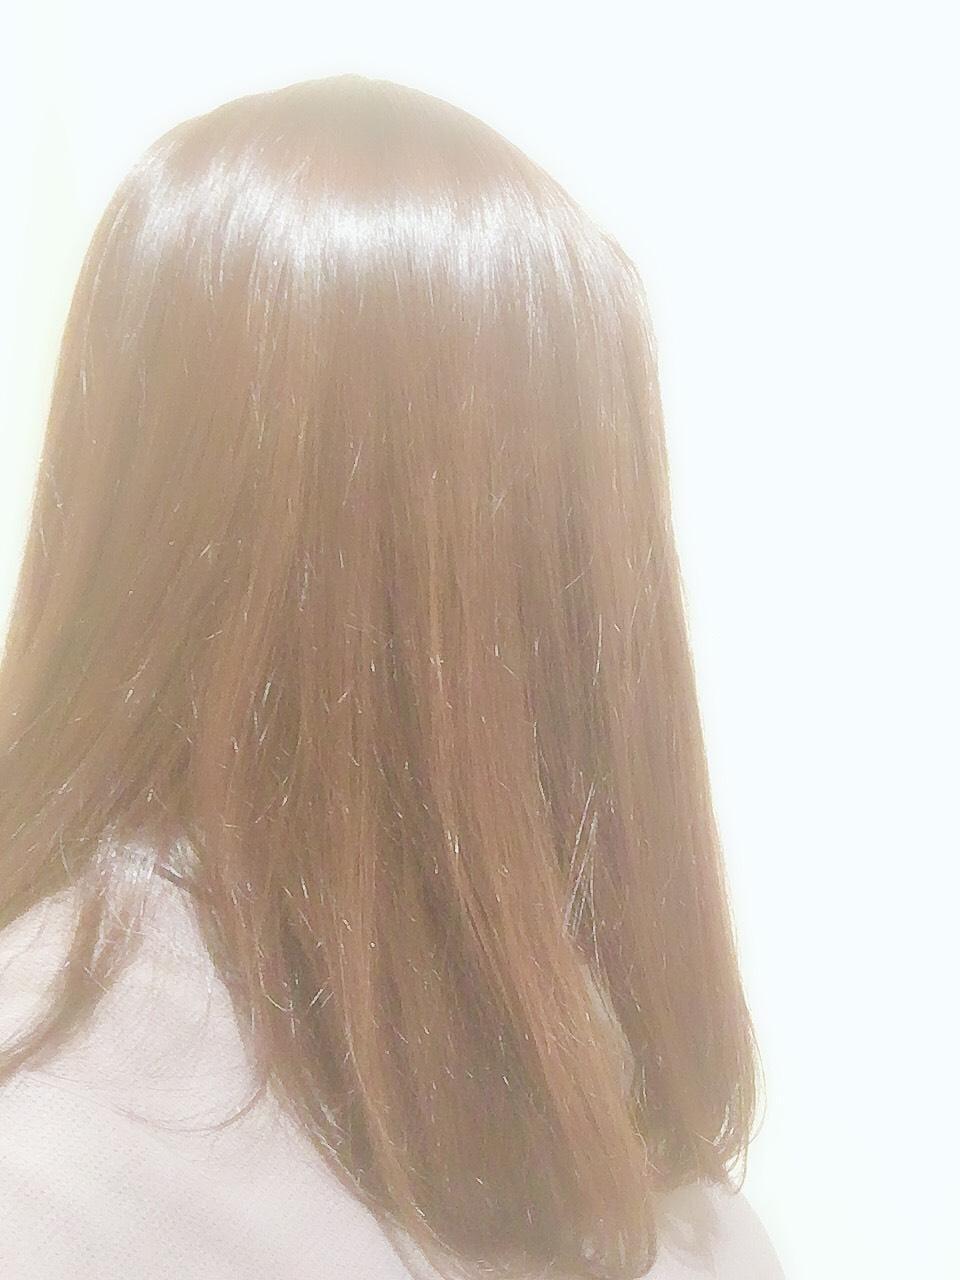 「続☆ビフォーアフター終了★」10/13(土) 18:26   マヒルの写メ・風俗動画